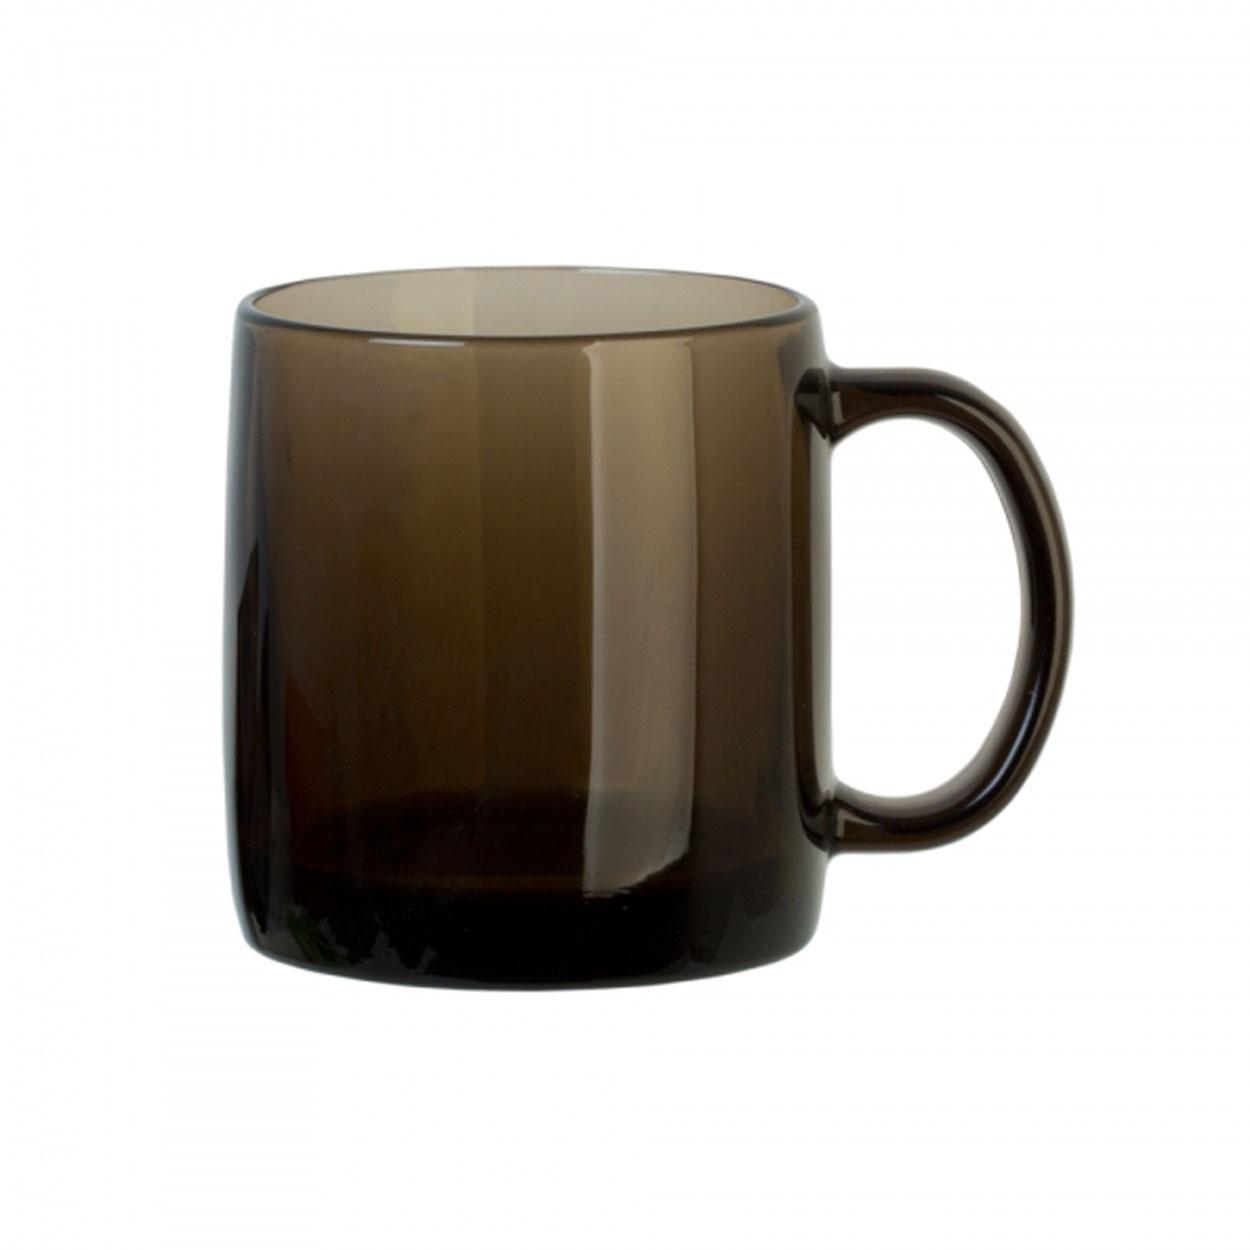 Кружка Luminarc Нордик, цвет: дымчатый, 380 мл115510Кружка Luminarc Нордик изготовлена из упрочненного стекла. Такая кружка прекрасно подойдет для горячих и холодных напитков. Она дополнит коллекцию вашей кухонной посуды и будет служить долгие годы. Можно использовать в посудомоечной машине и микроволновой печи. Объем кружки: 380 мл. Диаметр кружки (по верхнему краю): 8 см. Высота стенки кружки: 9,5 см.